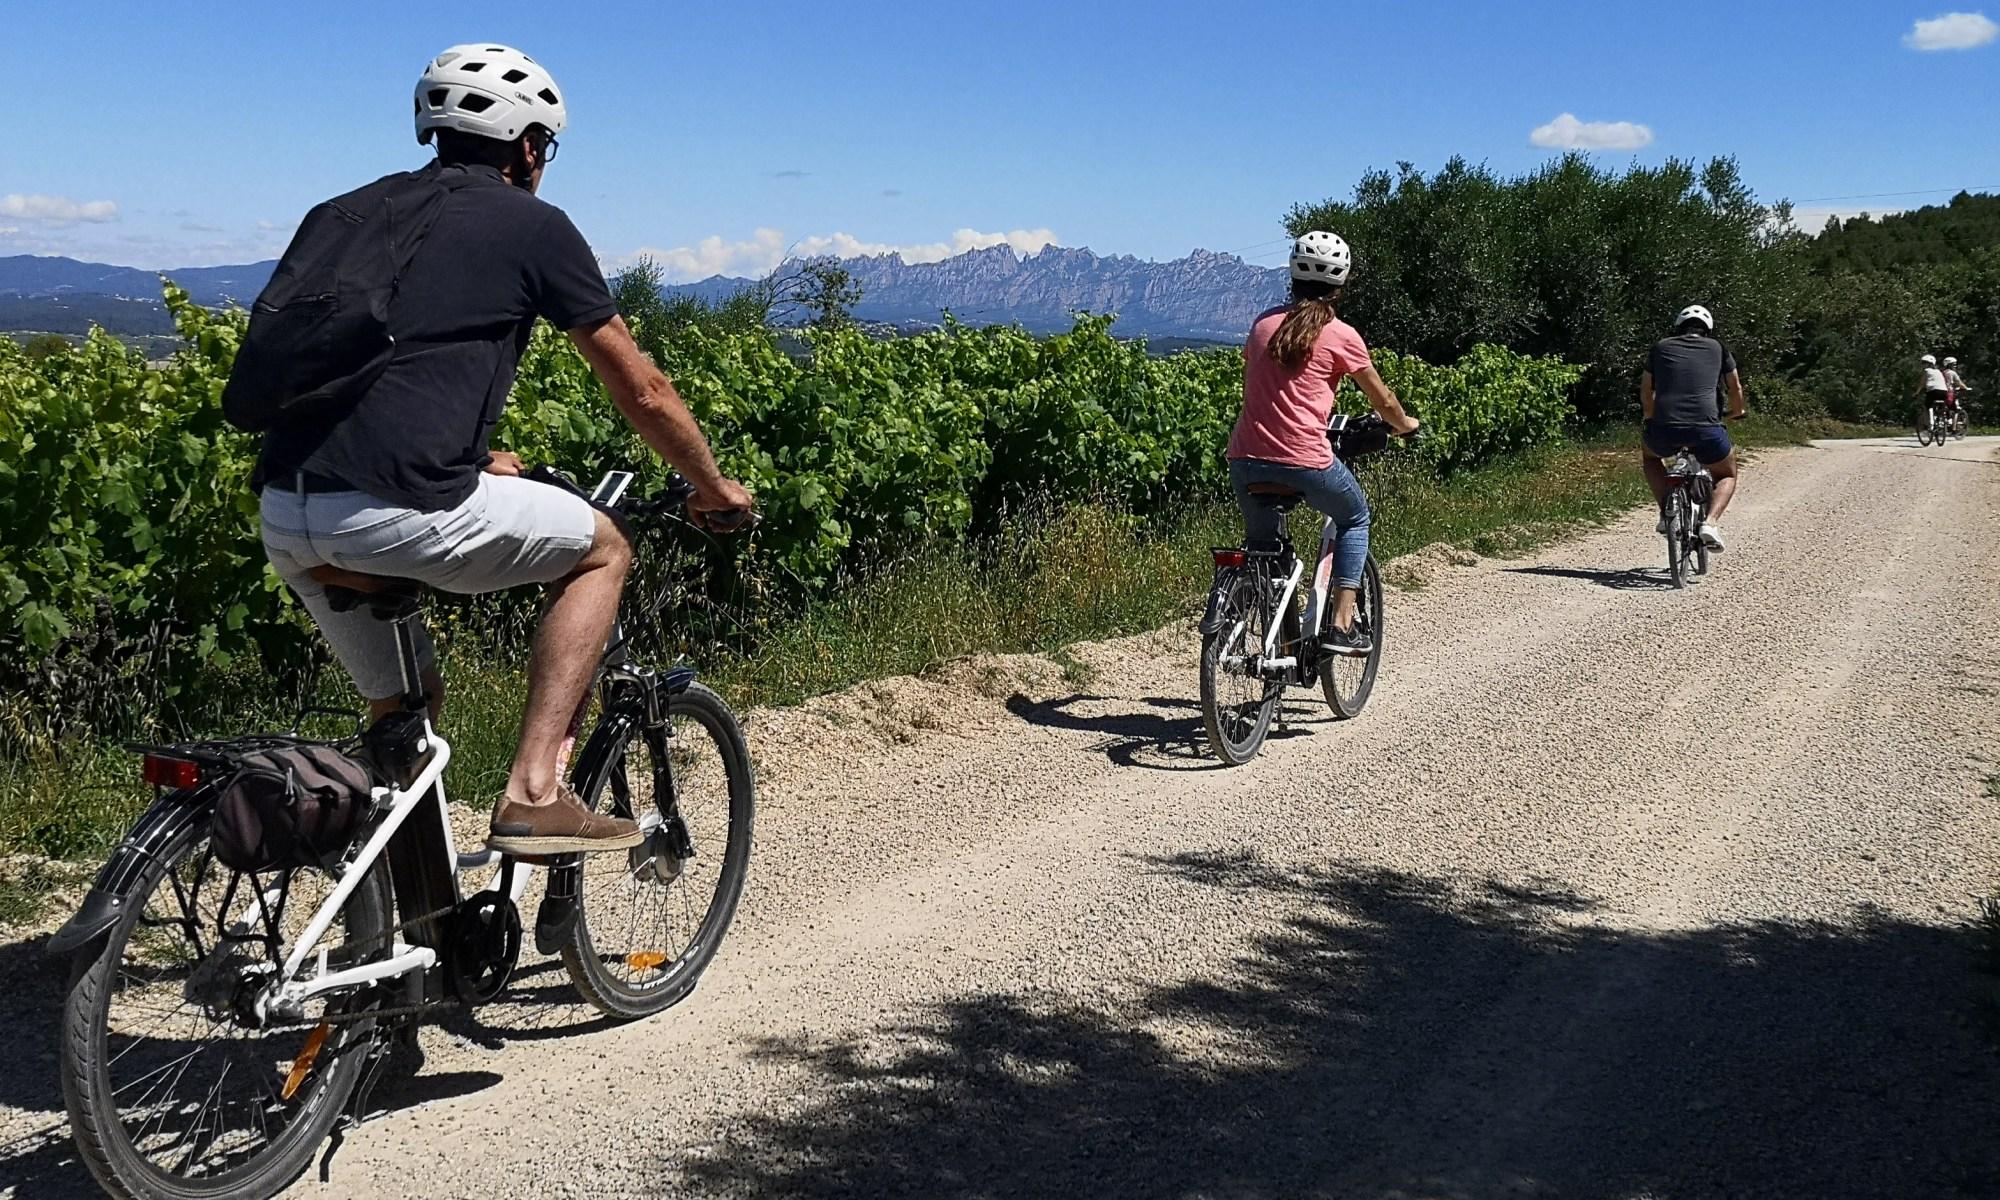 Bikemotions penedès en bicicleta